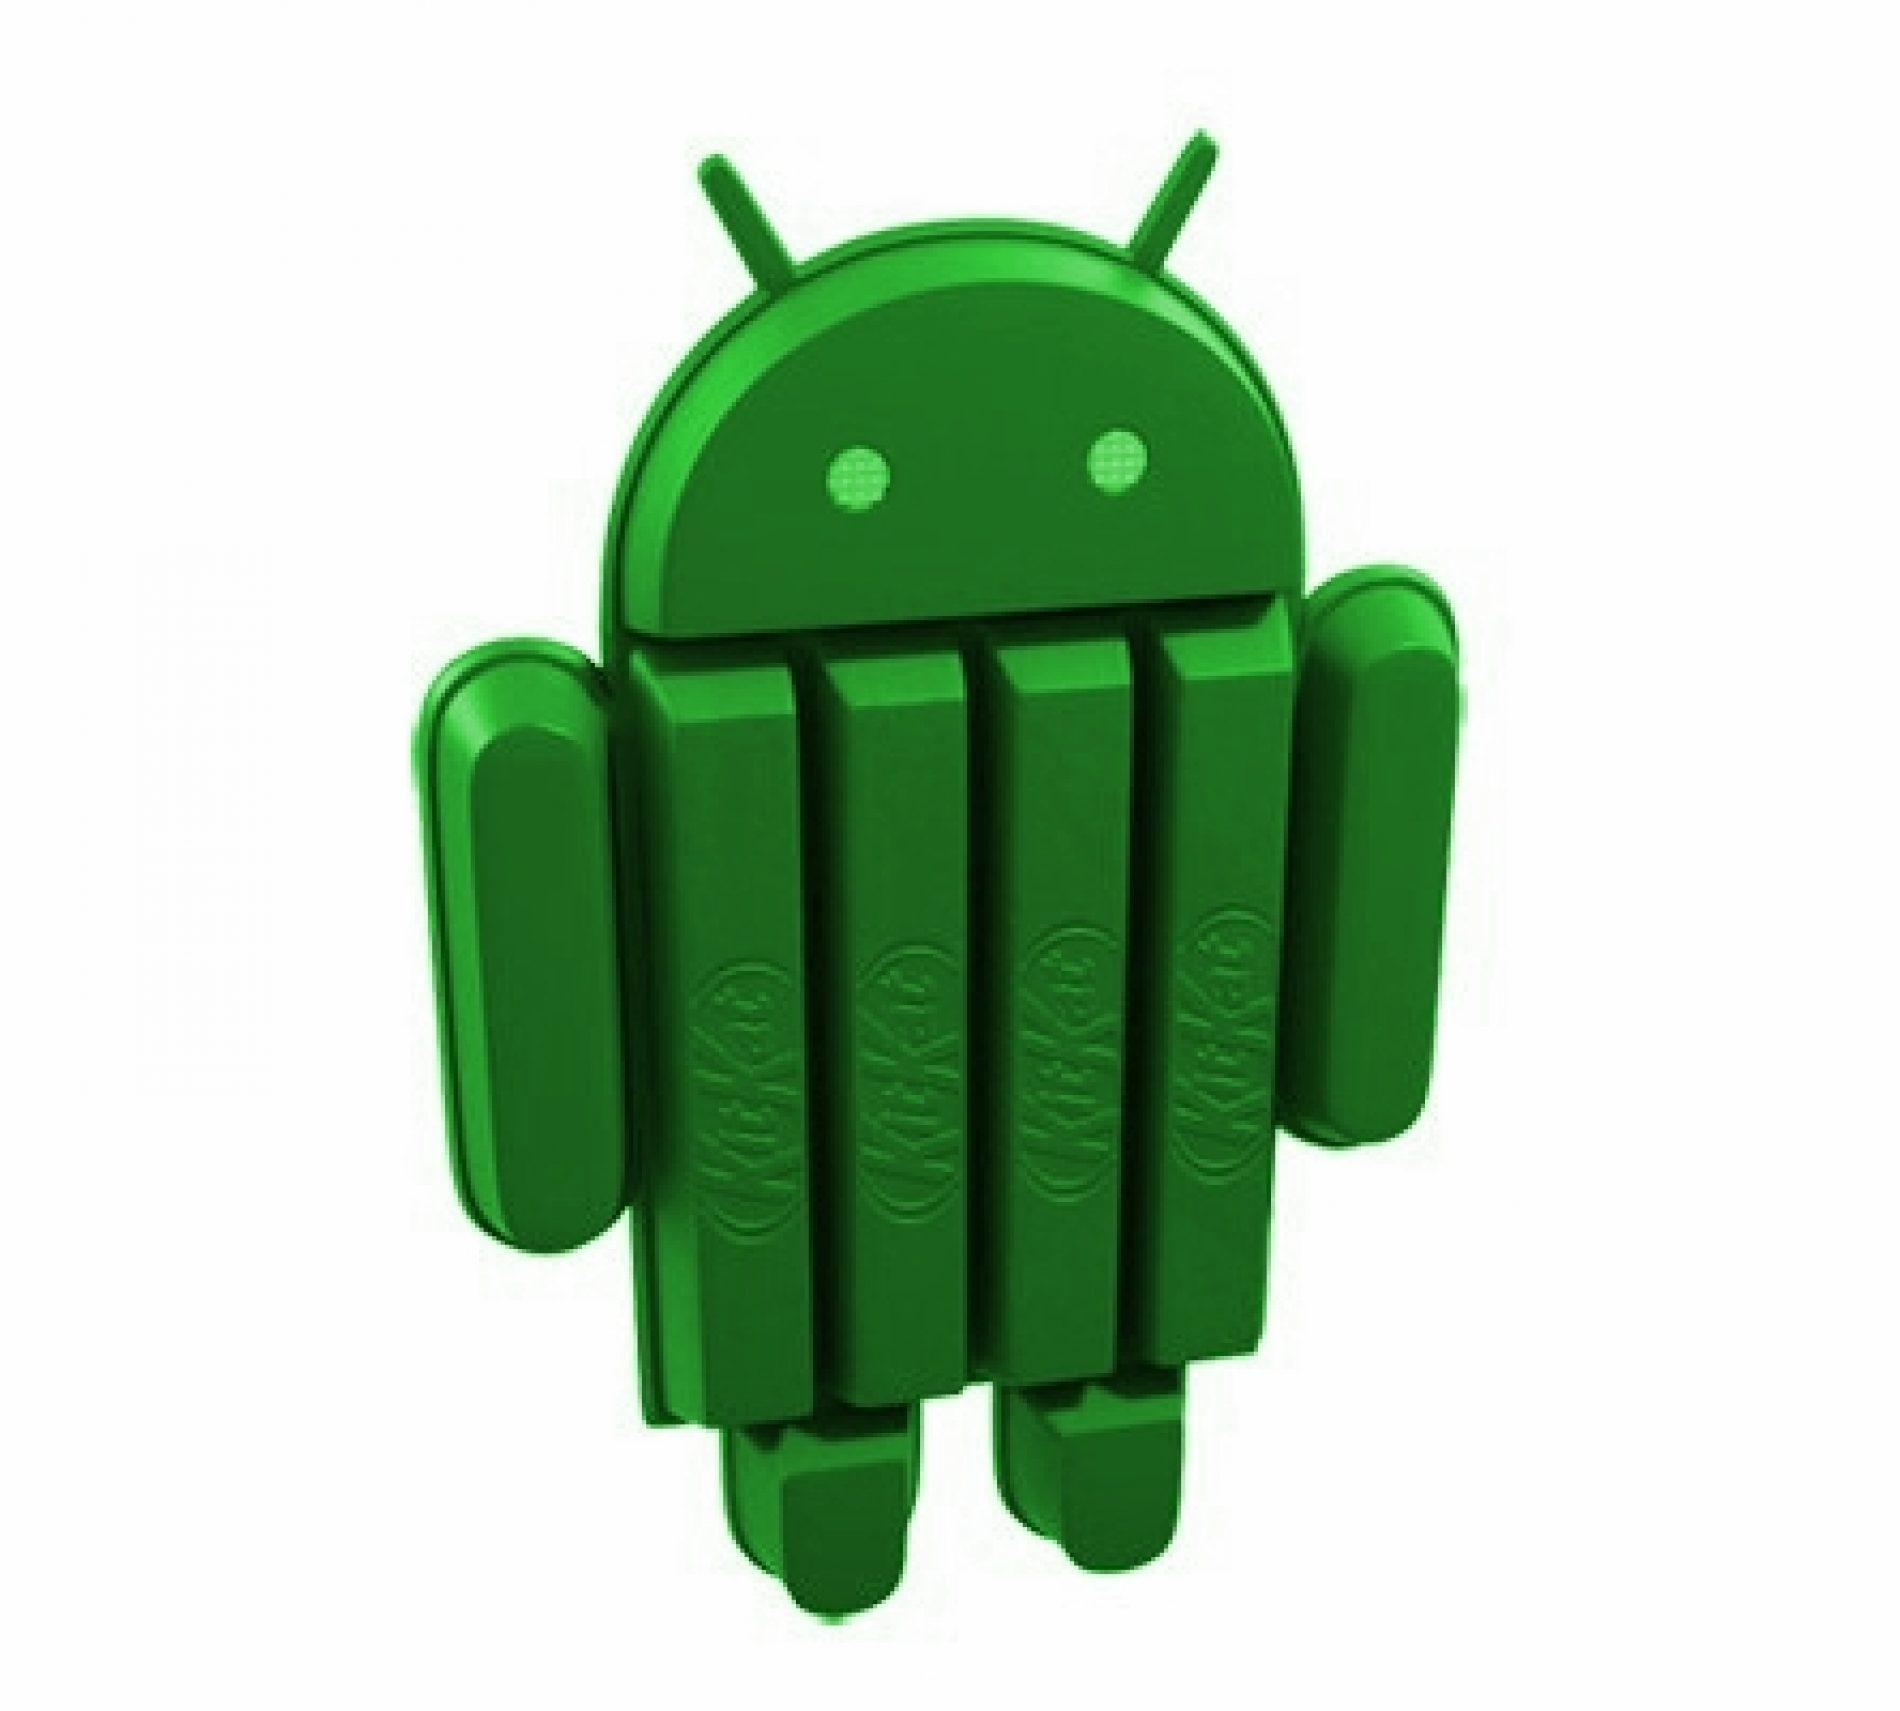 El nuevo Android 4.4 KitKat ya está entre nosotros